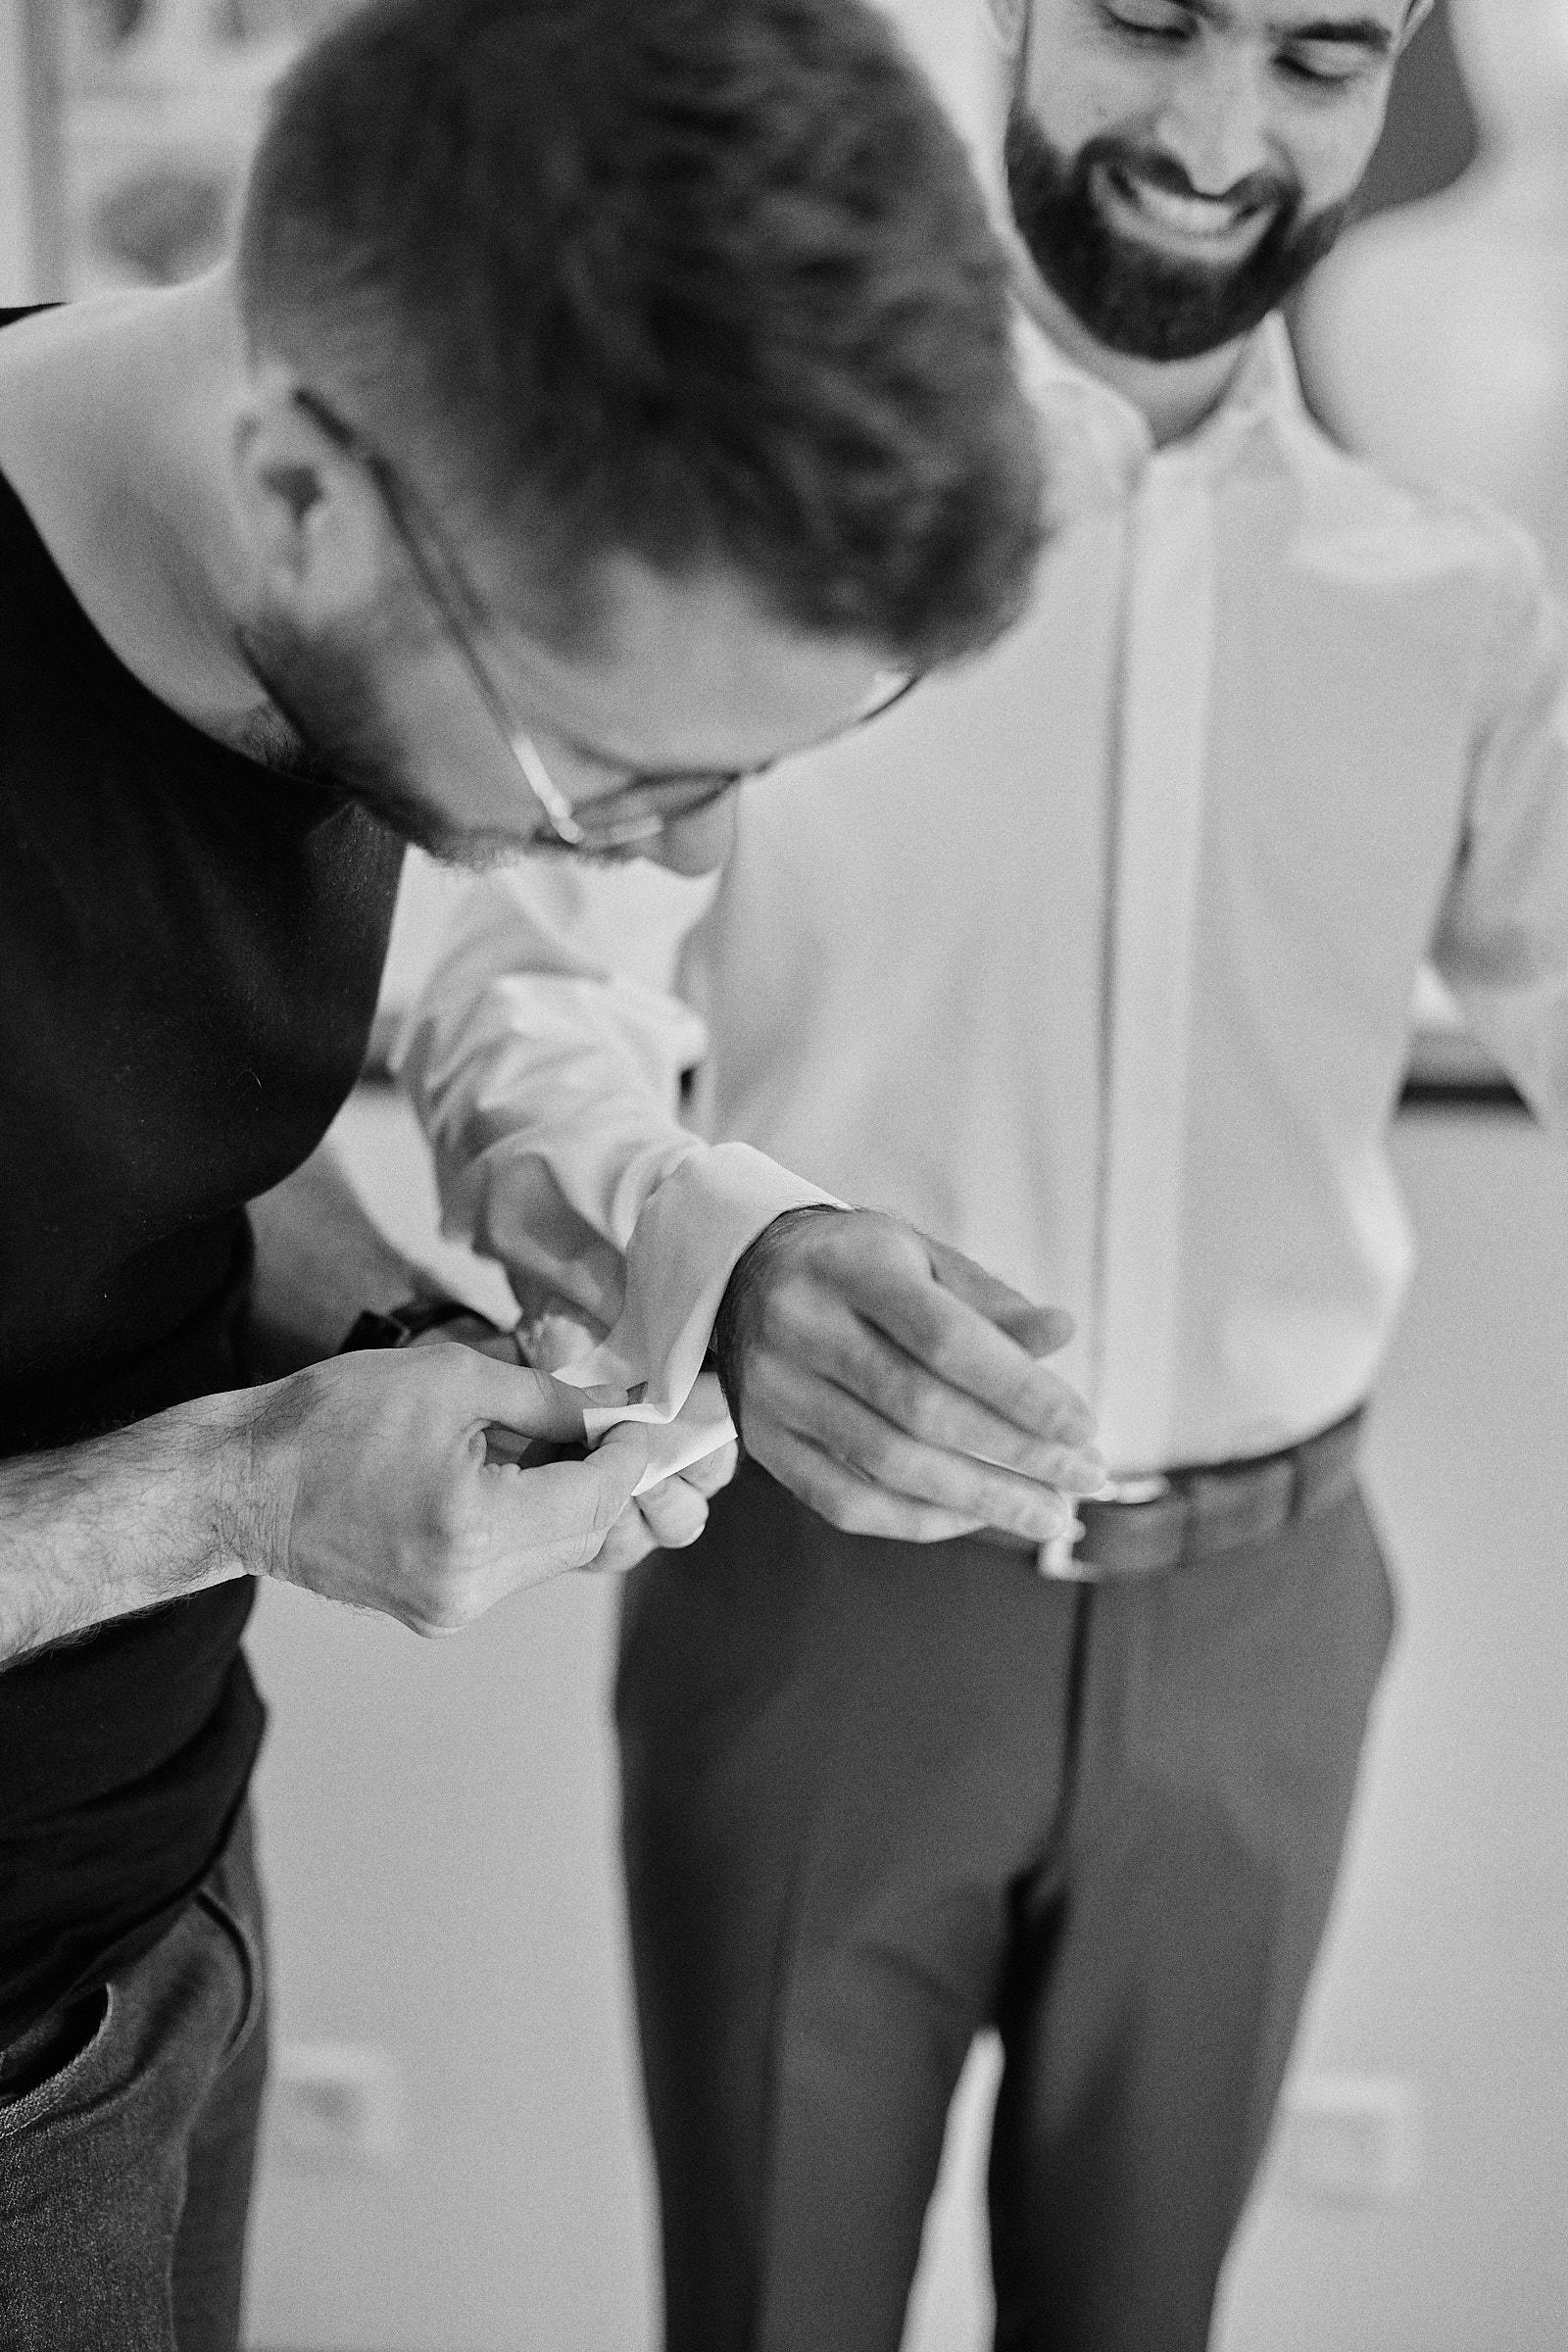 un des témoins aide le marié à mettre ses boutons de manchette